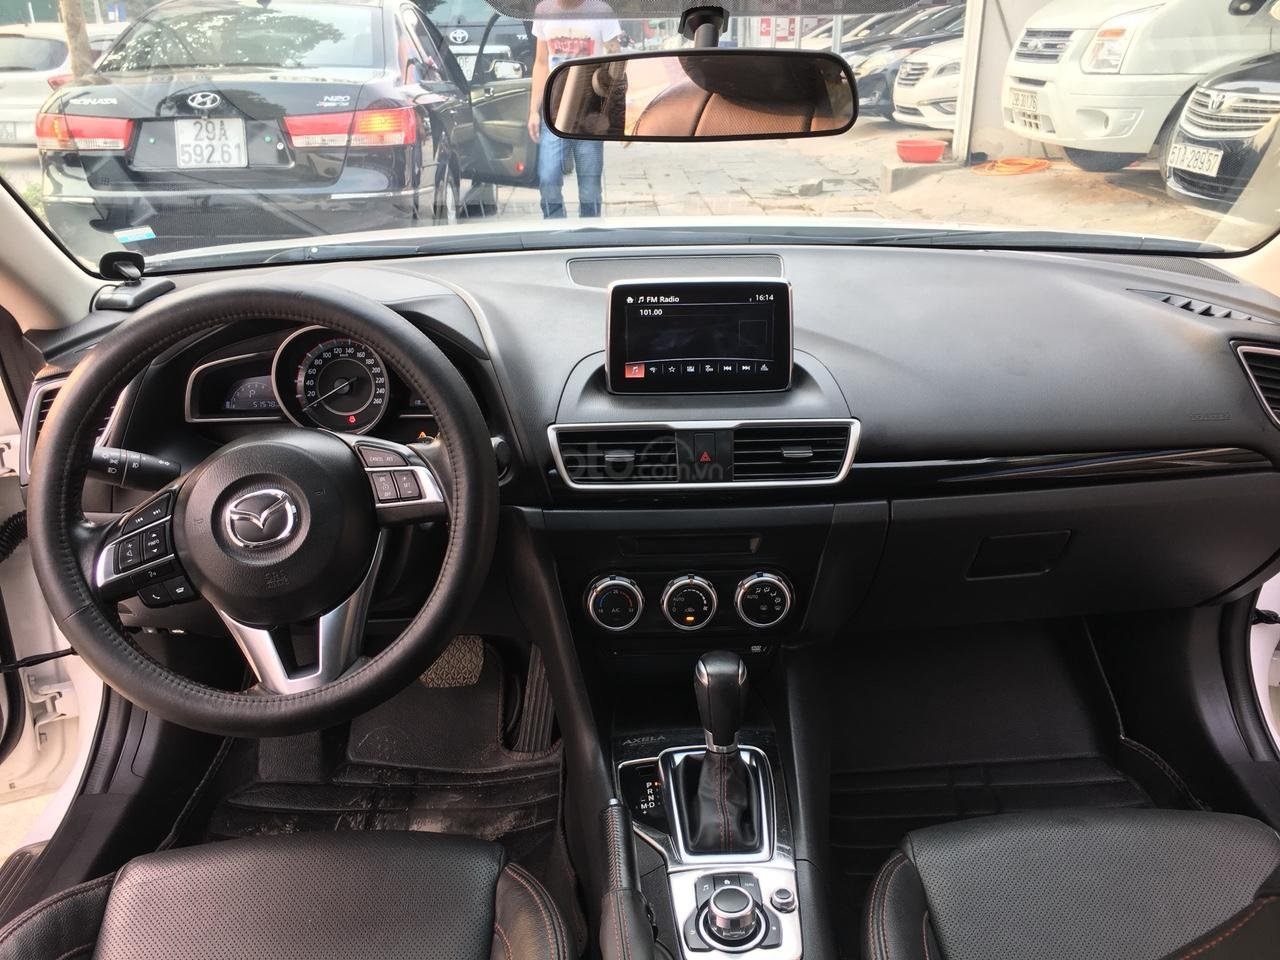 Cần bán xe Mazda 3 1.5 AT năm sản xuất 2017, màu trắng giá cạnh tranh-3